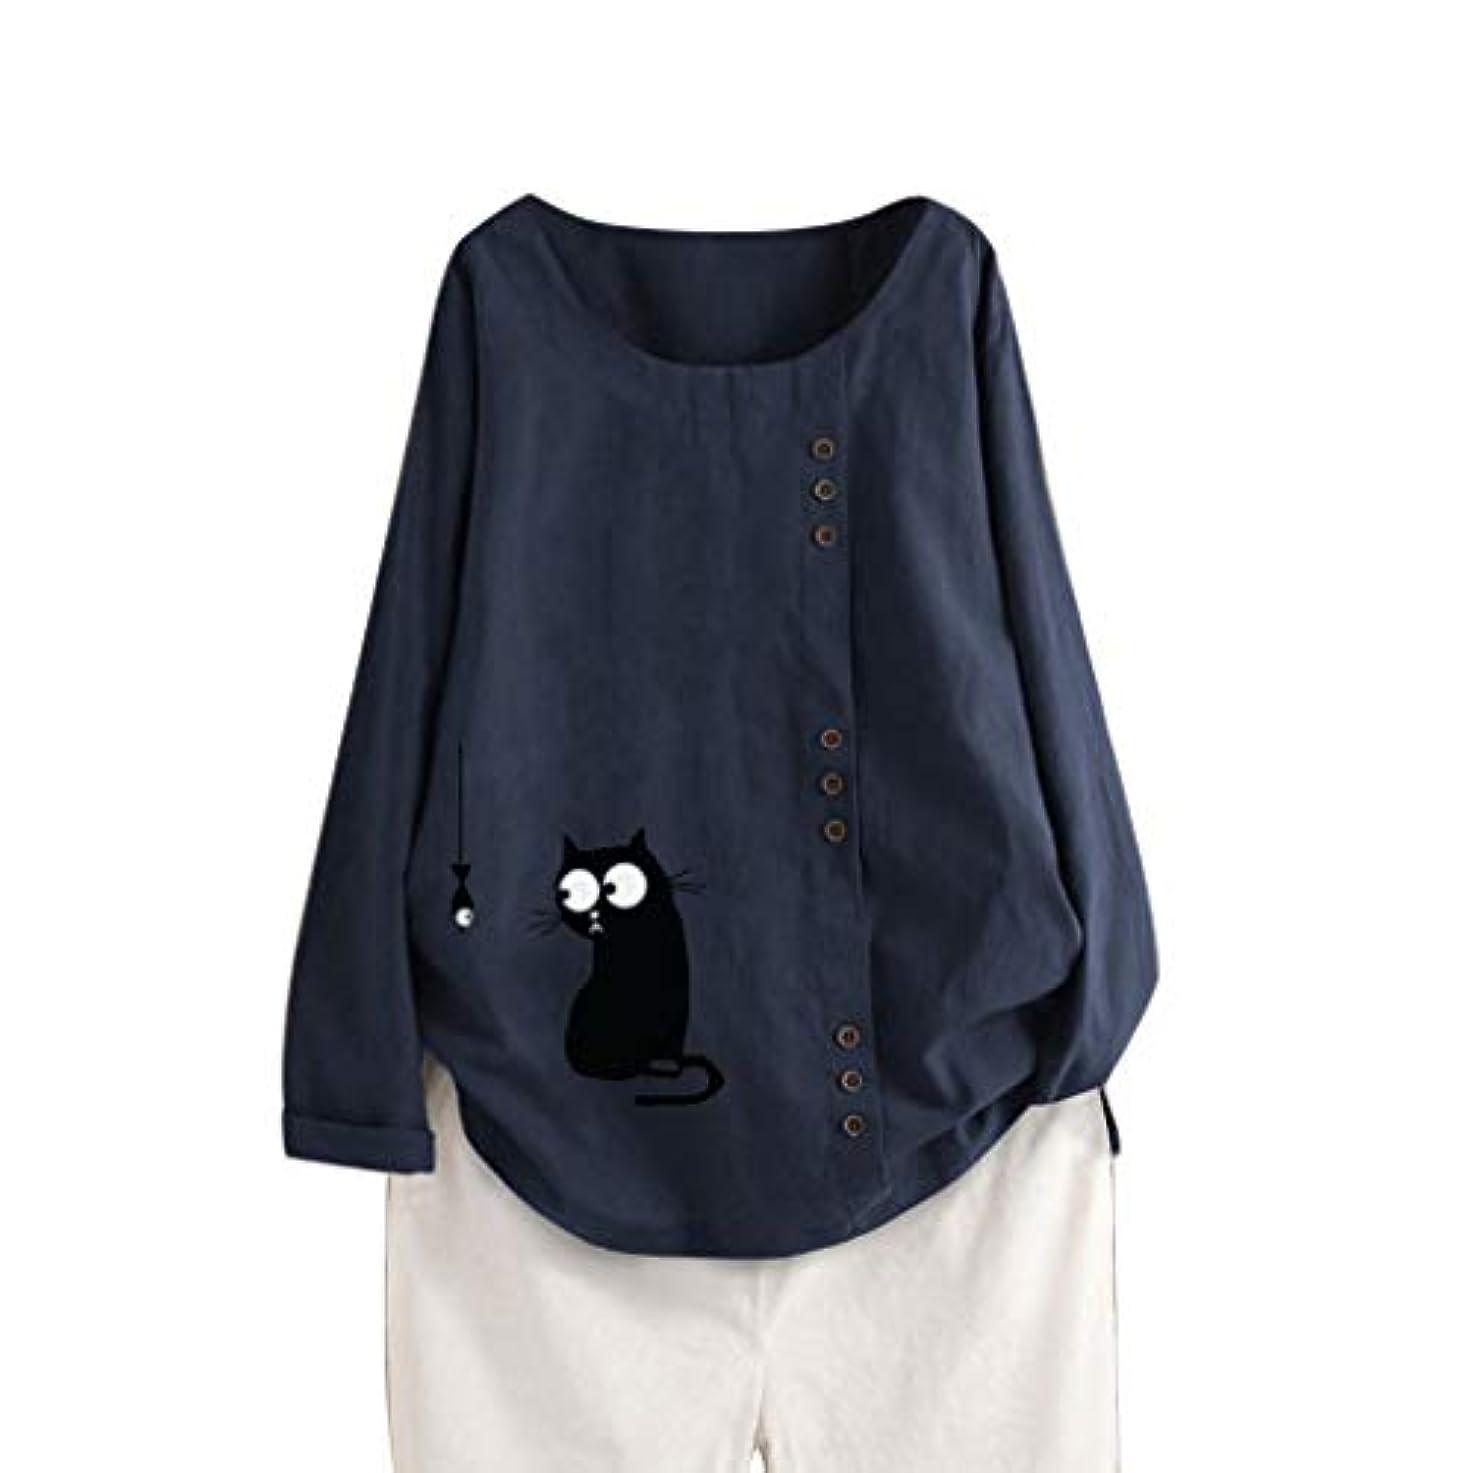 しかしながらハンマー価格Aguleaph レディース Tシャツ おおきいサイズ 長袖 コットンとリネン 花柄 トップス 学生 洋服 お出かけ ワイシャツ 流行り ブラウス 快適な 軽い 柔らかい かっこいい カジュアル シンプル オシャレ 春夏秋